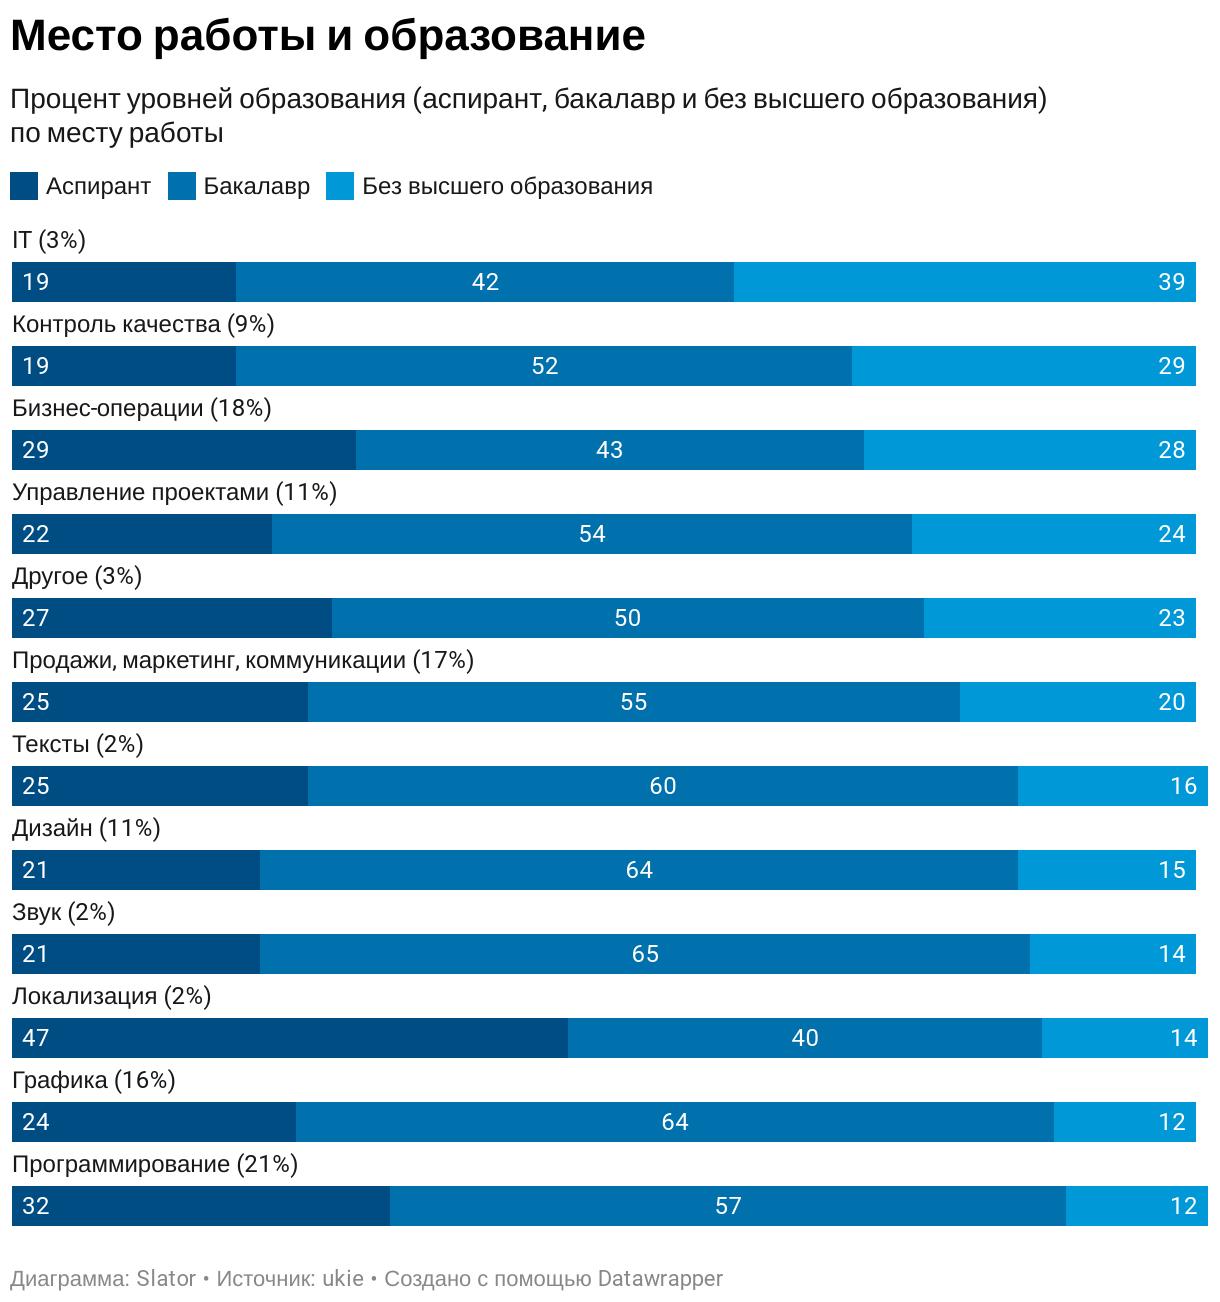 У специалистов по локализации лучше образование и ниже подверженность депрессии (результаты опроса и инфографика) - 5